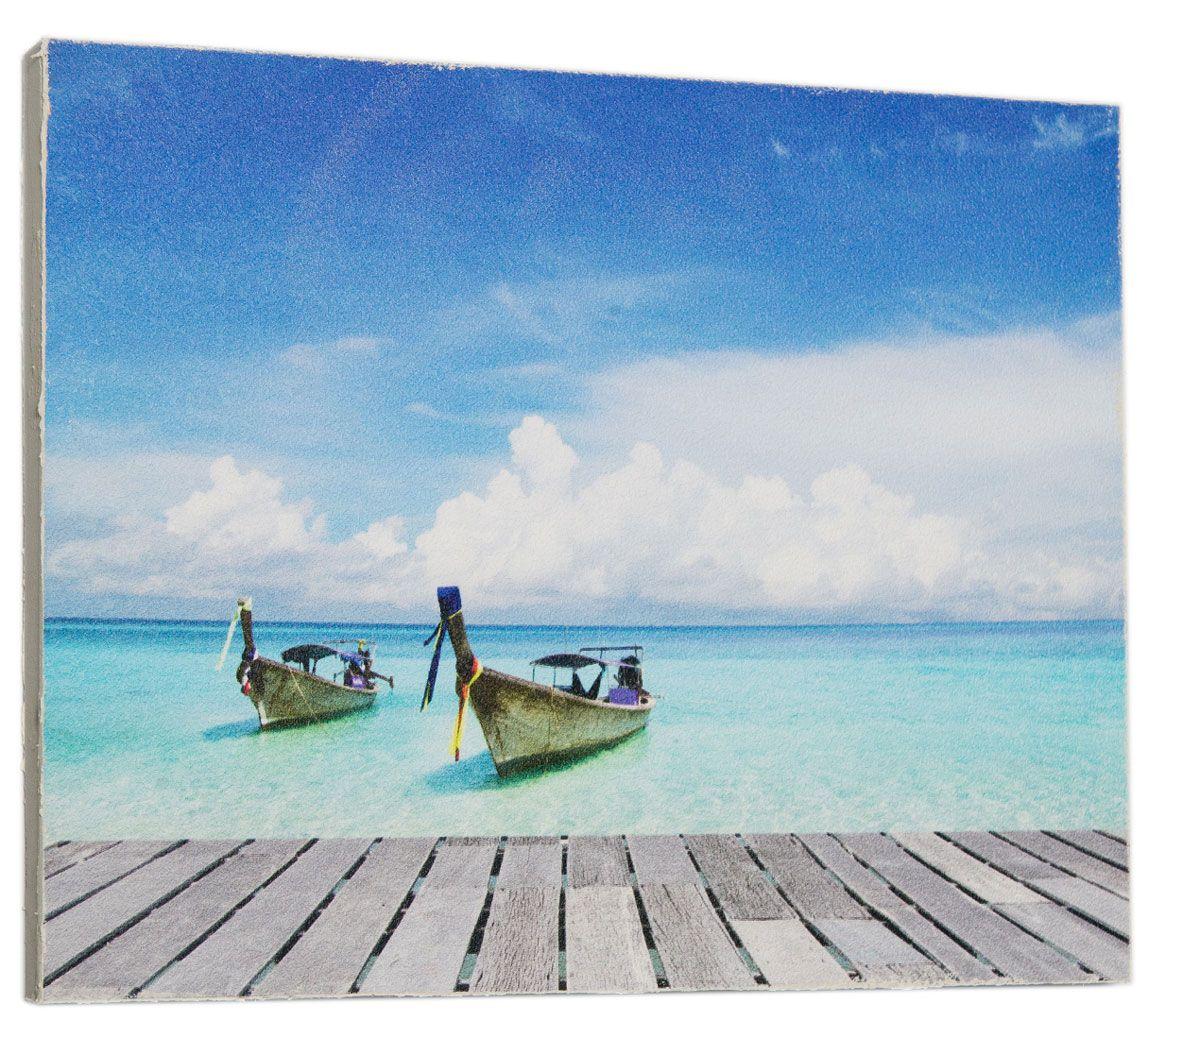 Картина Mister Poster Таиланд, 32 х 24 см0305-24-32Картина Mister Poster - это высококачественная репродукция на деревянной раме. Лицевая поверхность имитирует штукатурку или натуральный холст, края окрашены вручную специальным декоративным составом. Современные технологии, уникальное оборудование и оригинальные чернила, используемые при изготовлении, делают постер устойчивым к выцветанию, а также гарантируют стойкость к воздействию негативных внешних факторов. Интерьер дома и офиса, в котором находится человек, в значительной степени влияет на его настроение и работоспособность. Правильное оформление интерьера создает благоприятный психологический климат, улучшает настроение и мотивирует. Добавьте «красок» в ваш интерьер и, возможно, в вашу жизнь.